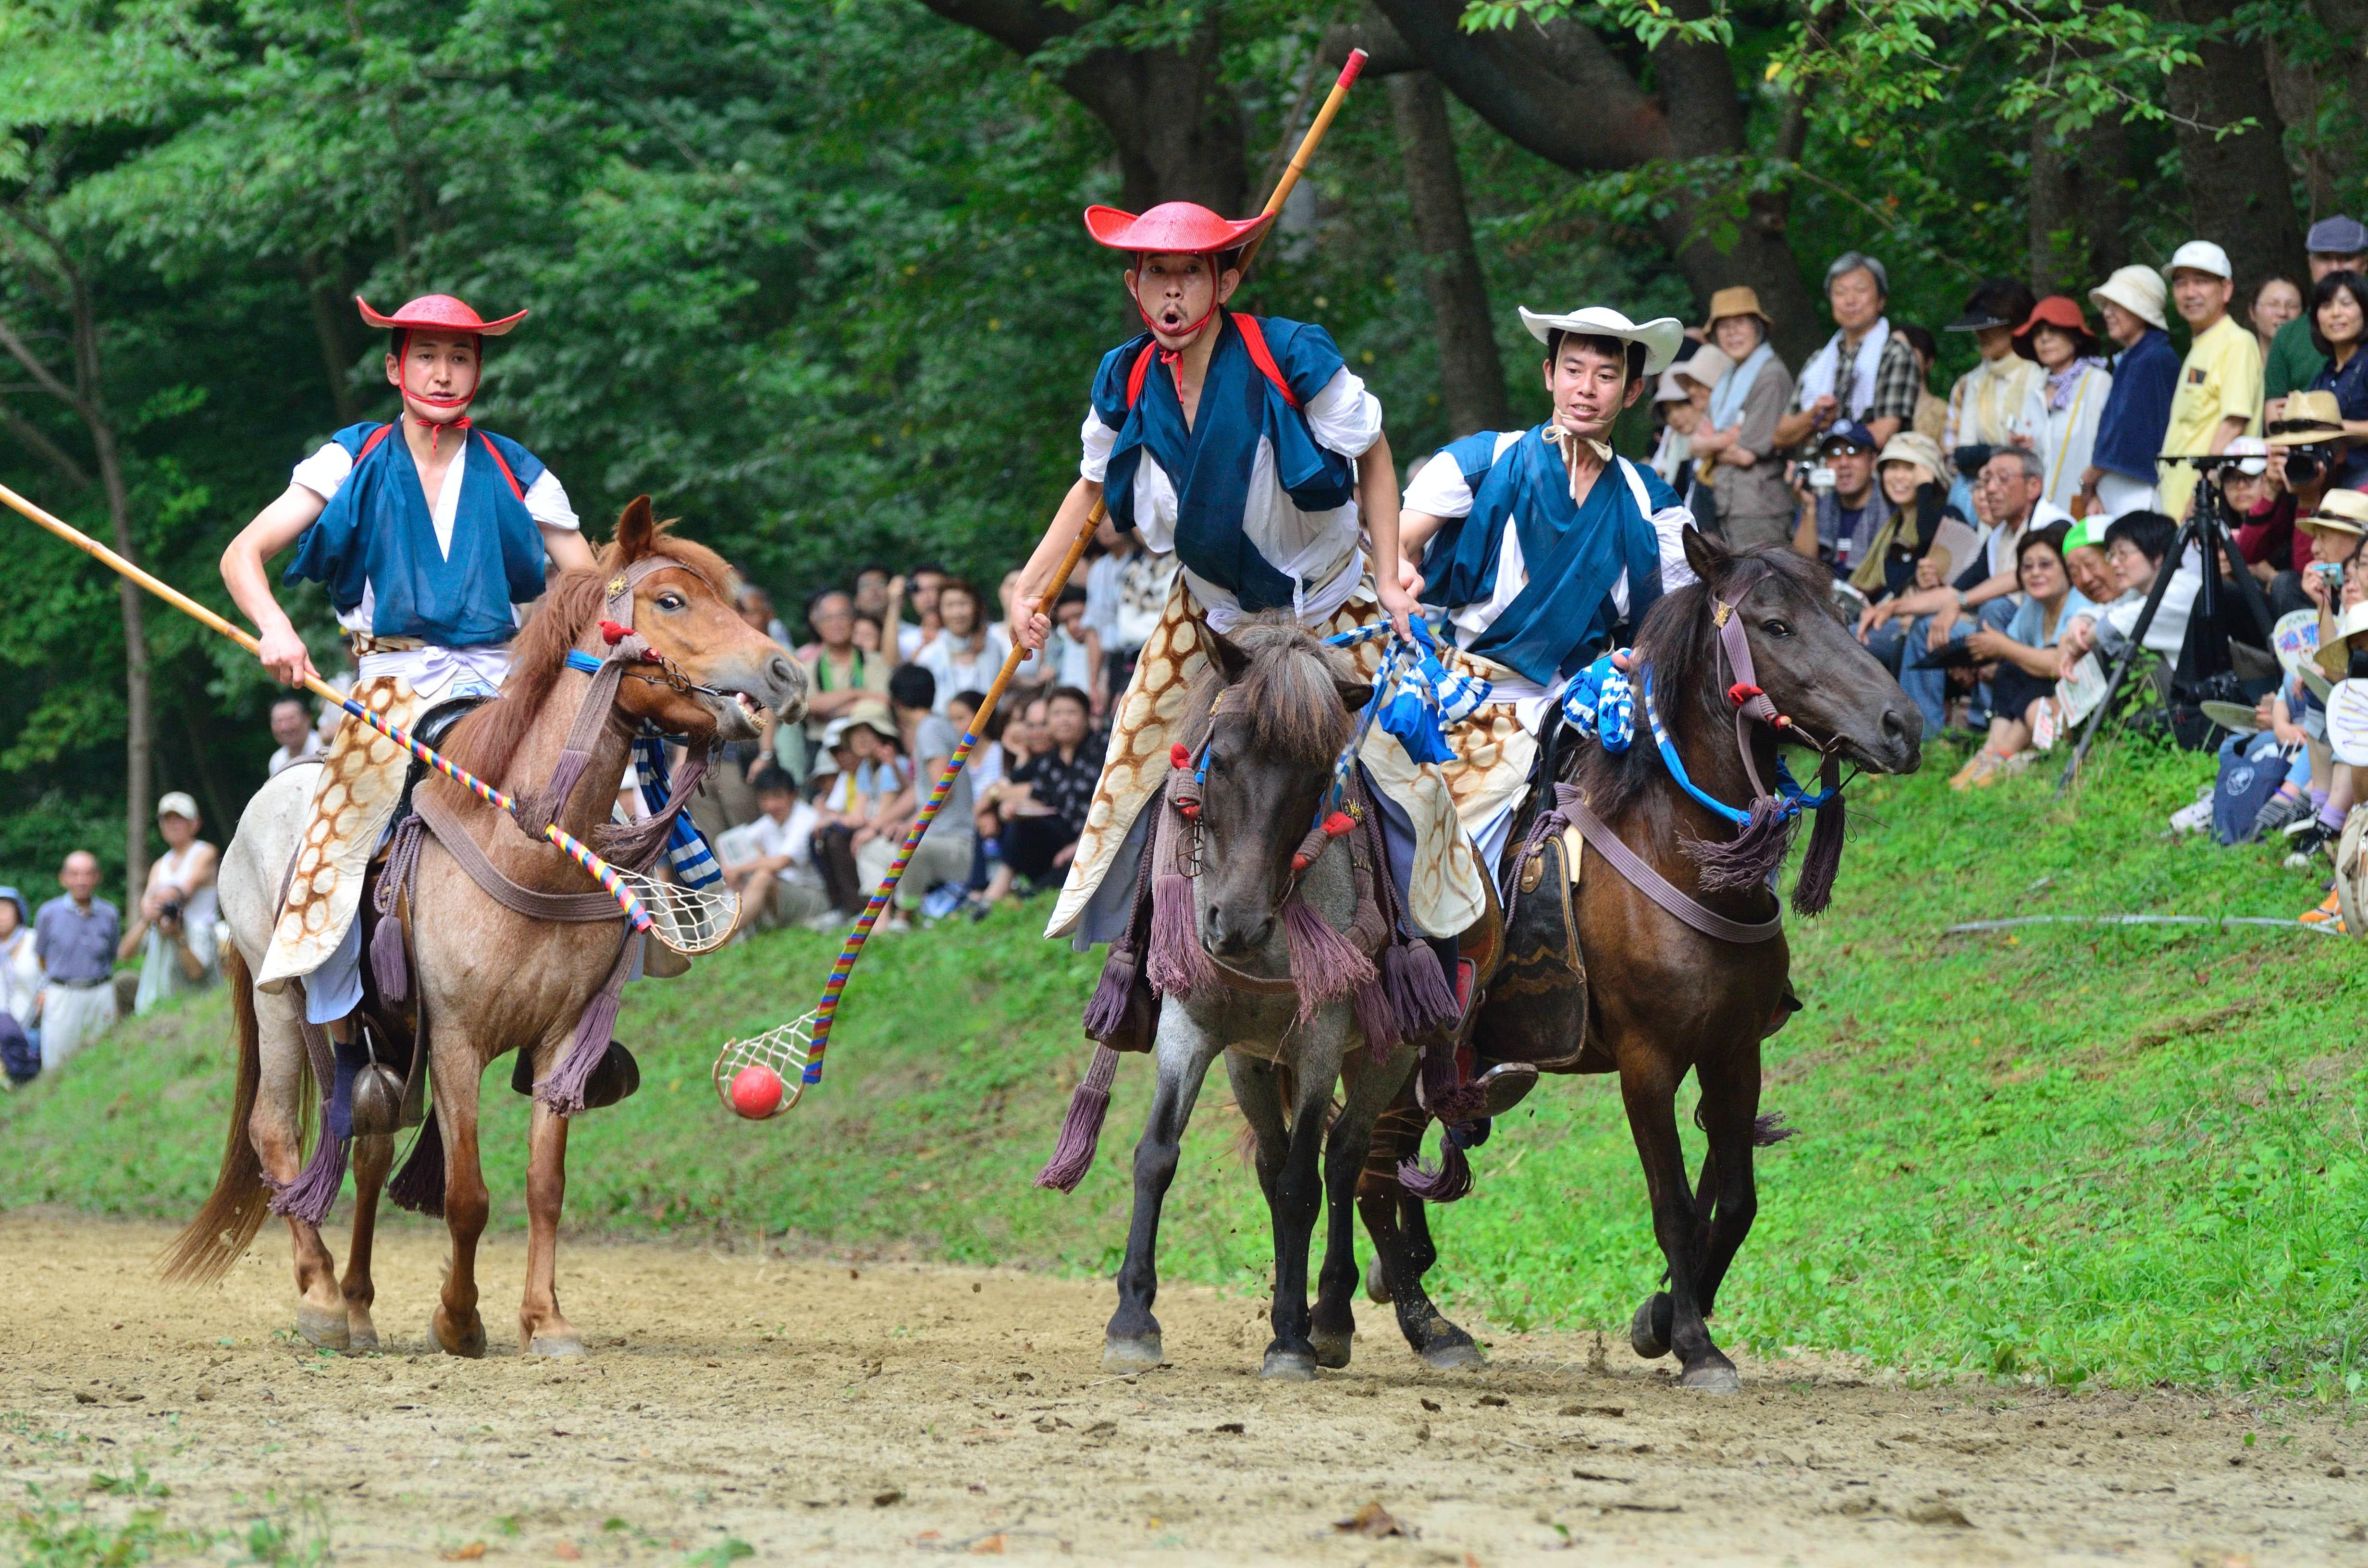 迫力満点の伝統競技「騎馬打毬」。